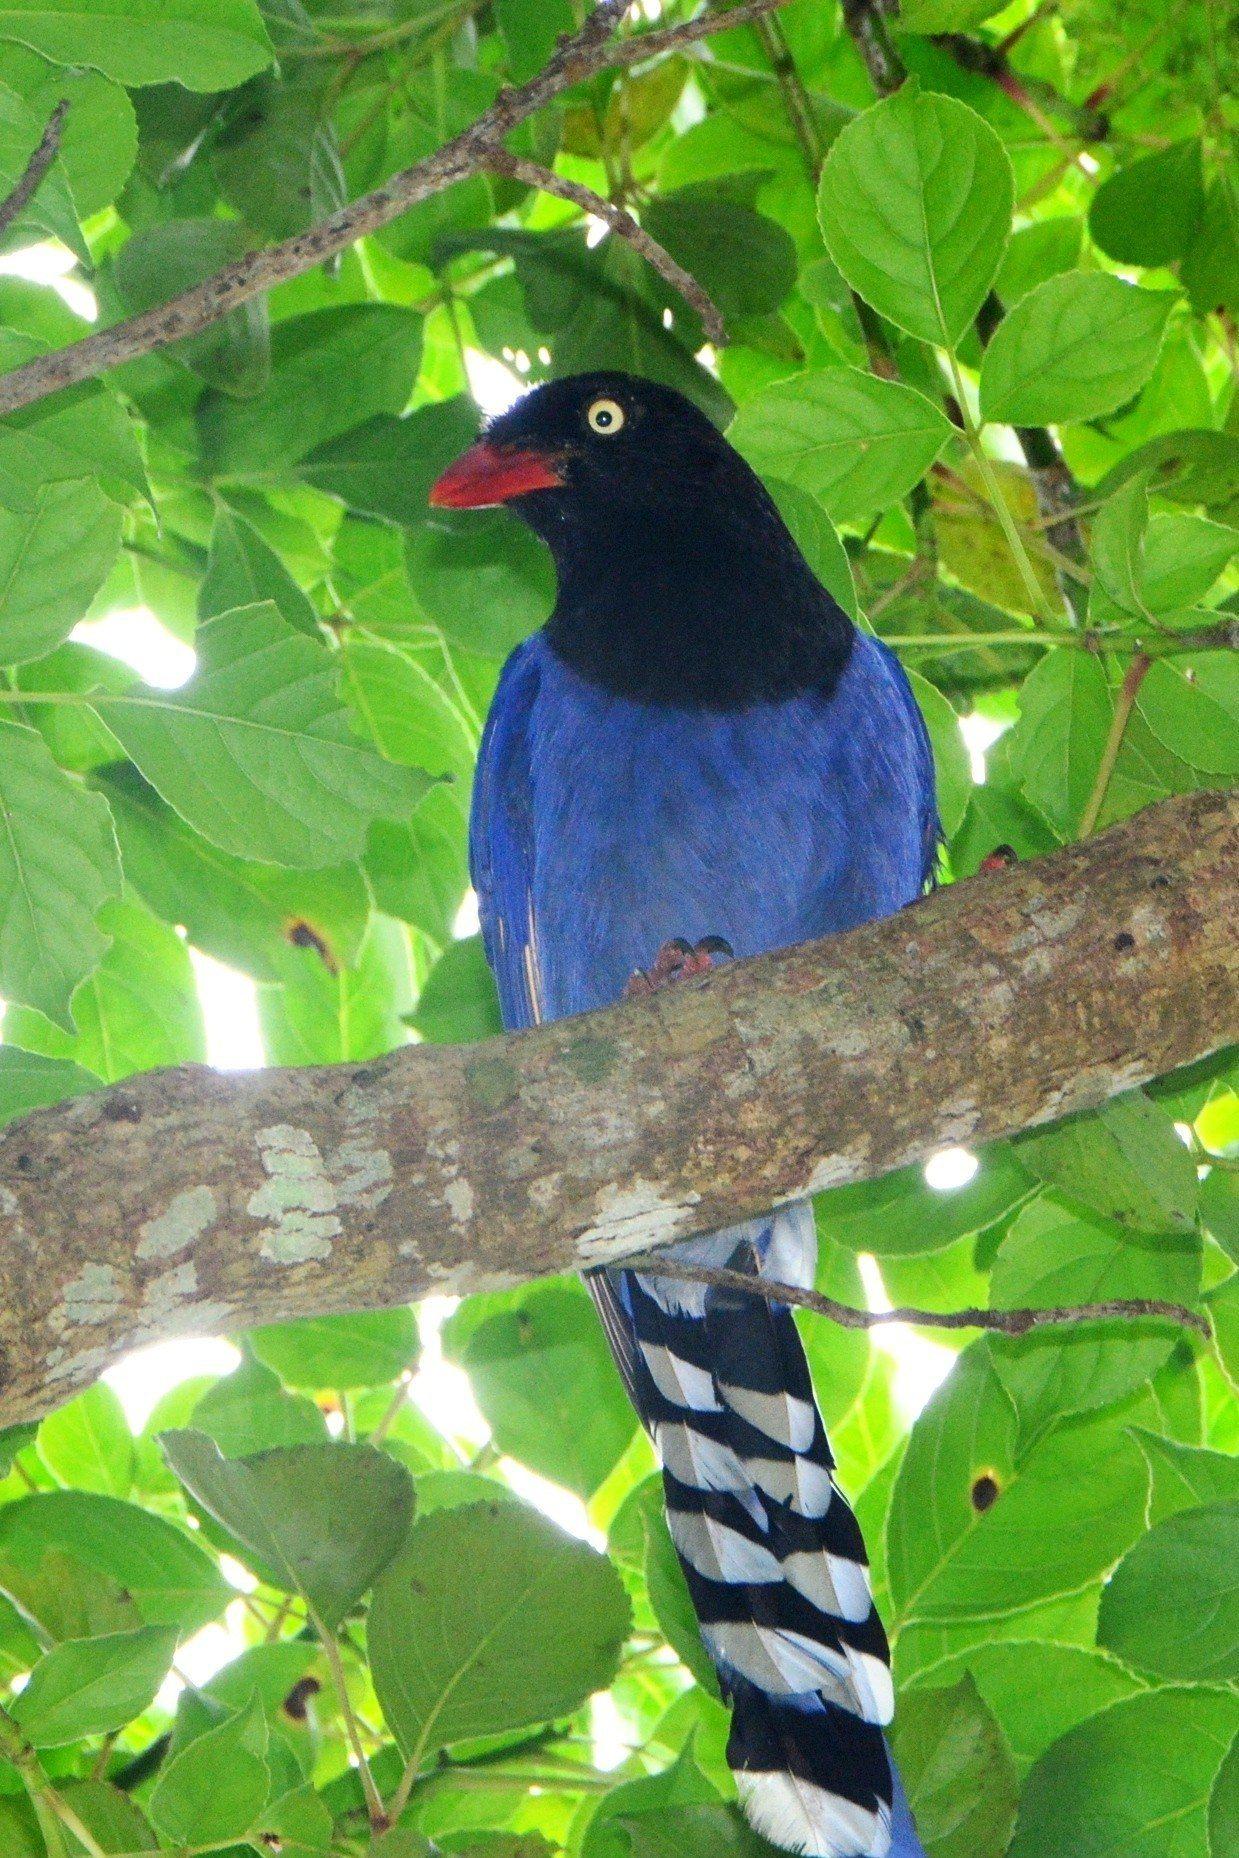 佛光大學校園的動植物生態豐富,吸引藍鵲到此復育。圖/佛大提供